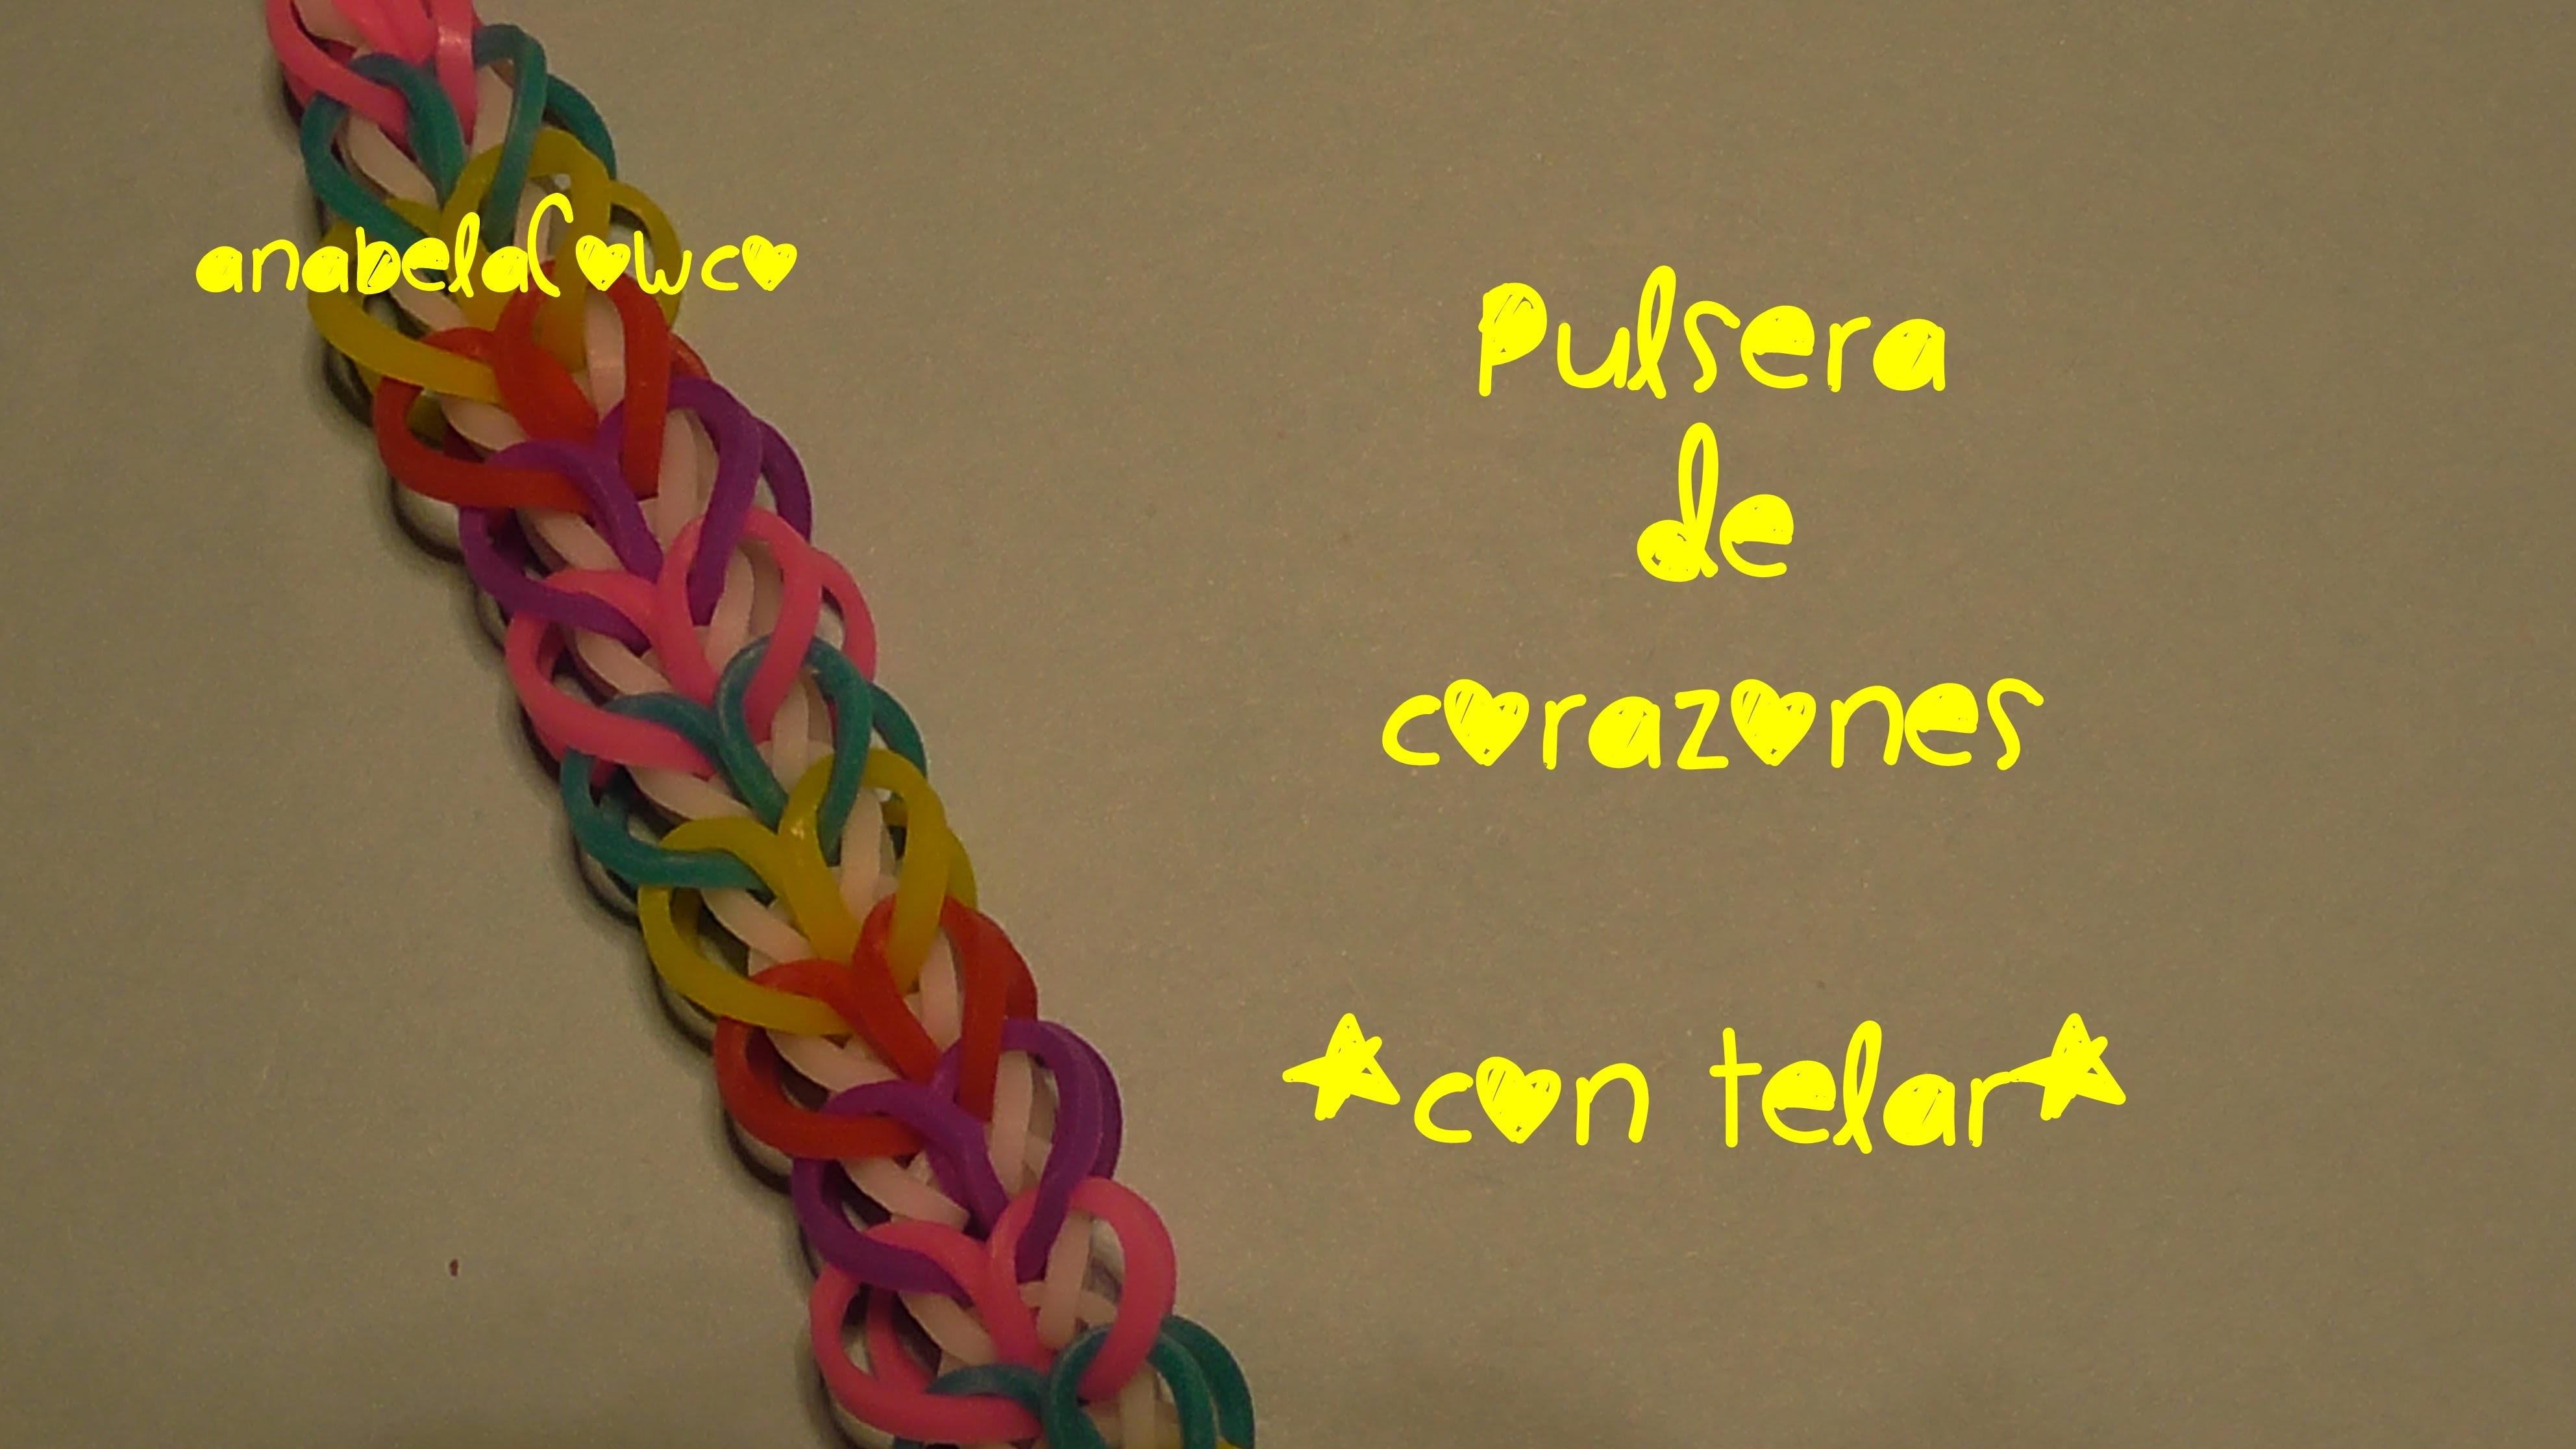 Pulsera de corazones con telar Rainbow loom heart bracelet